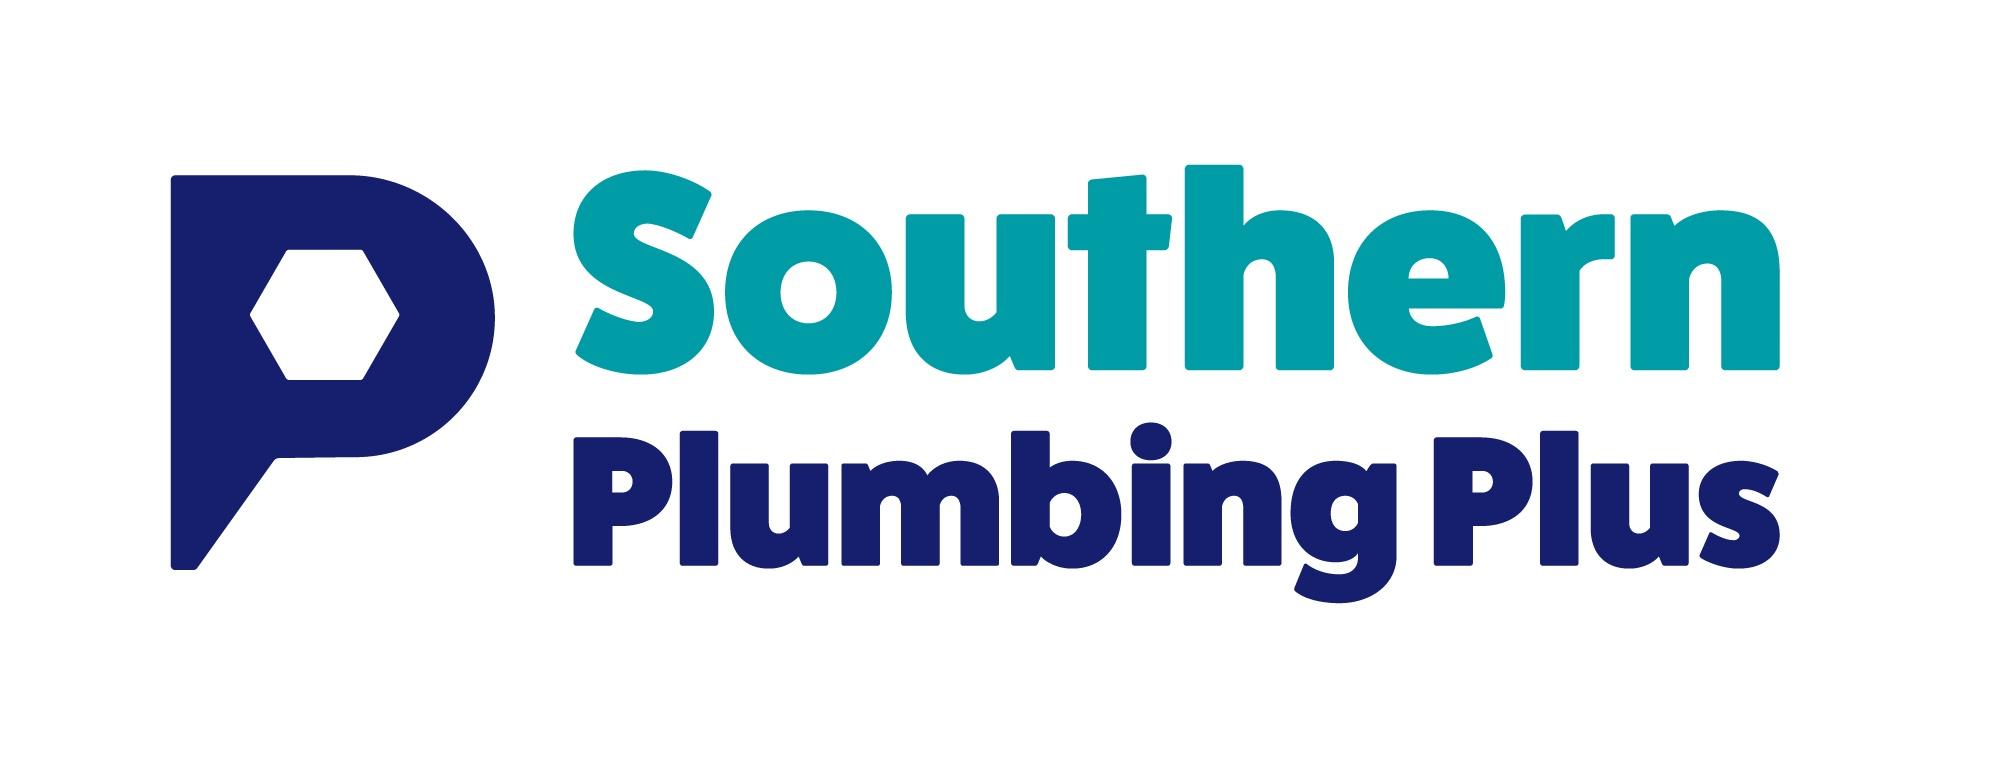 Southern Plumbing Plus